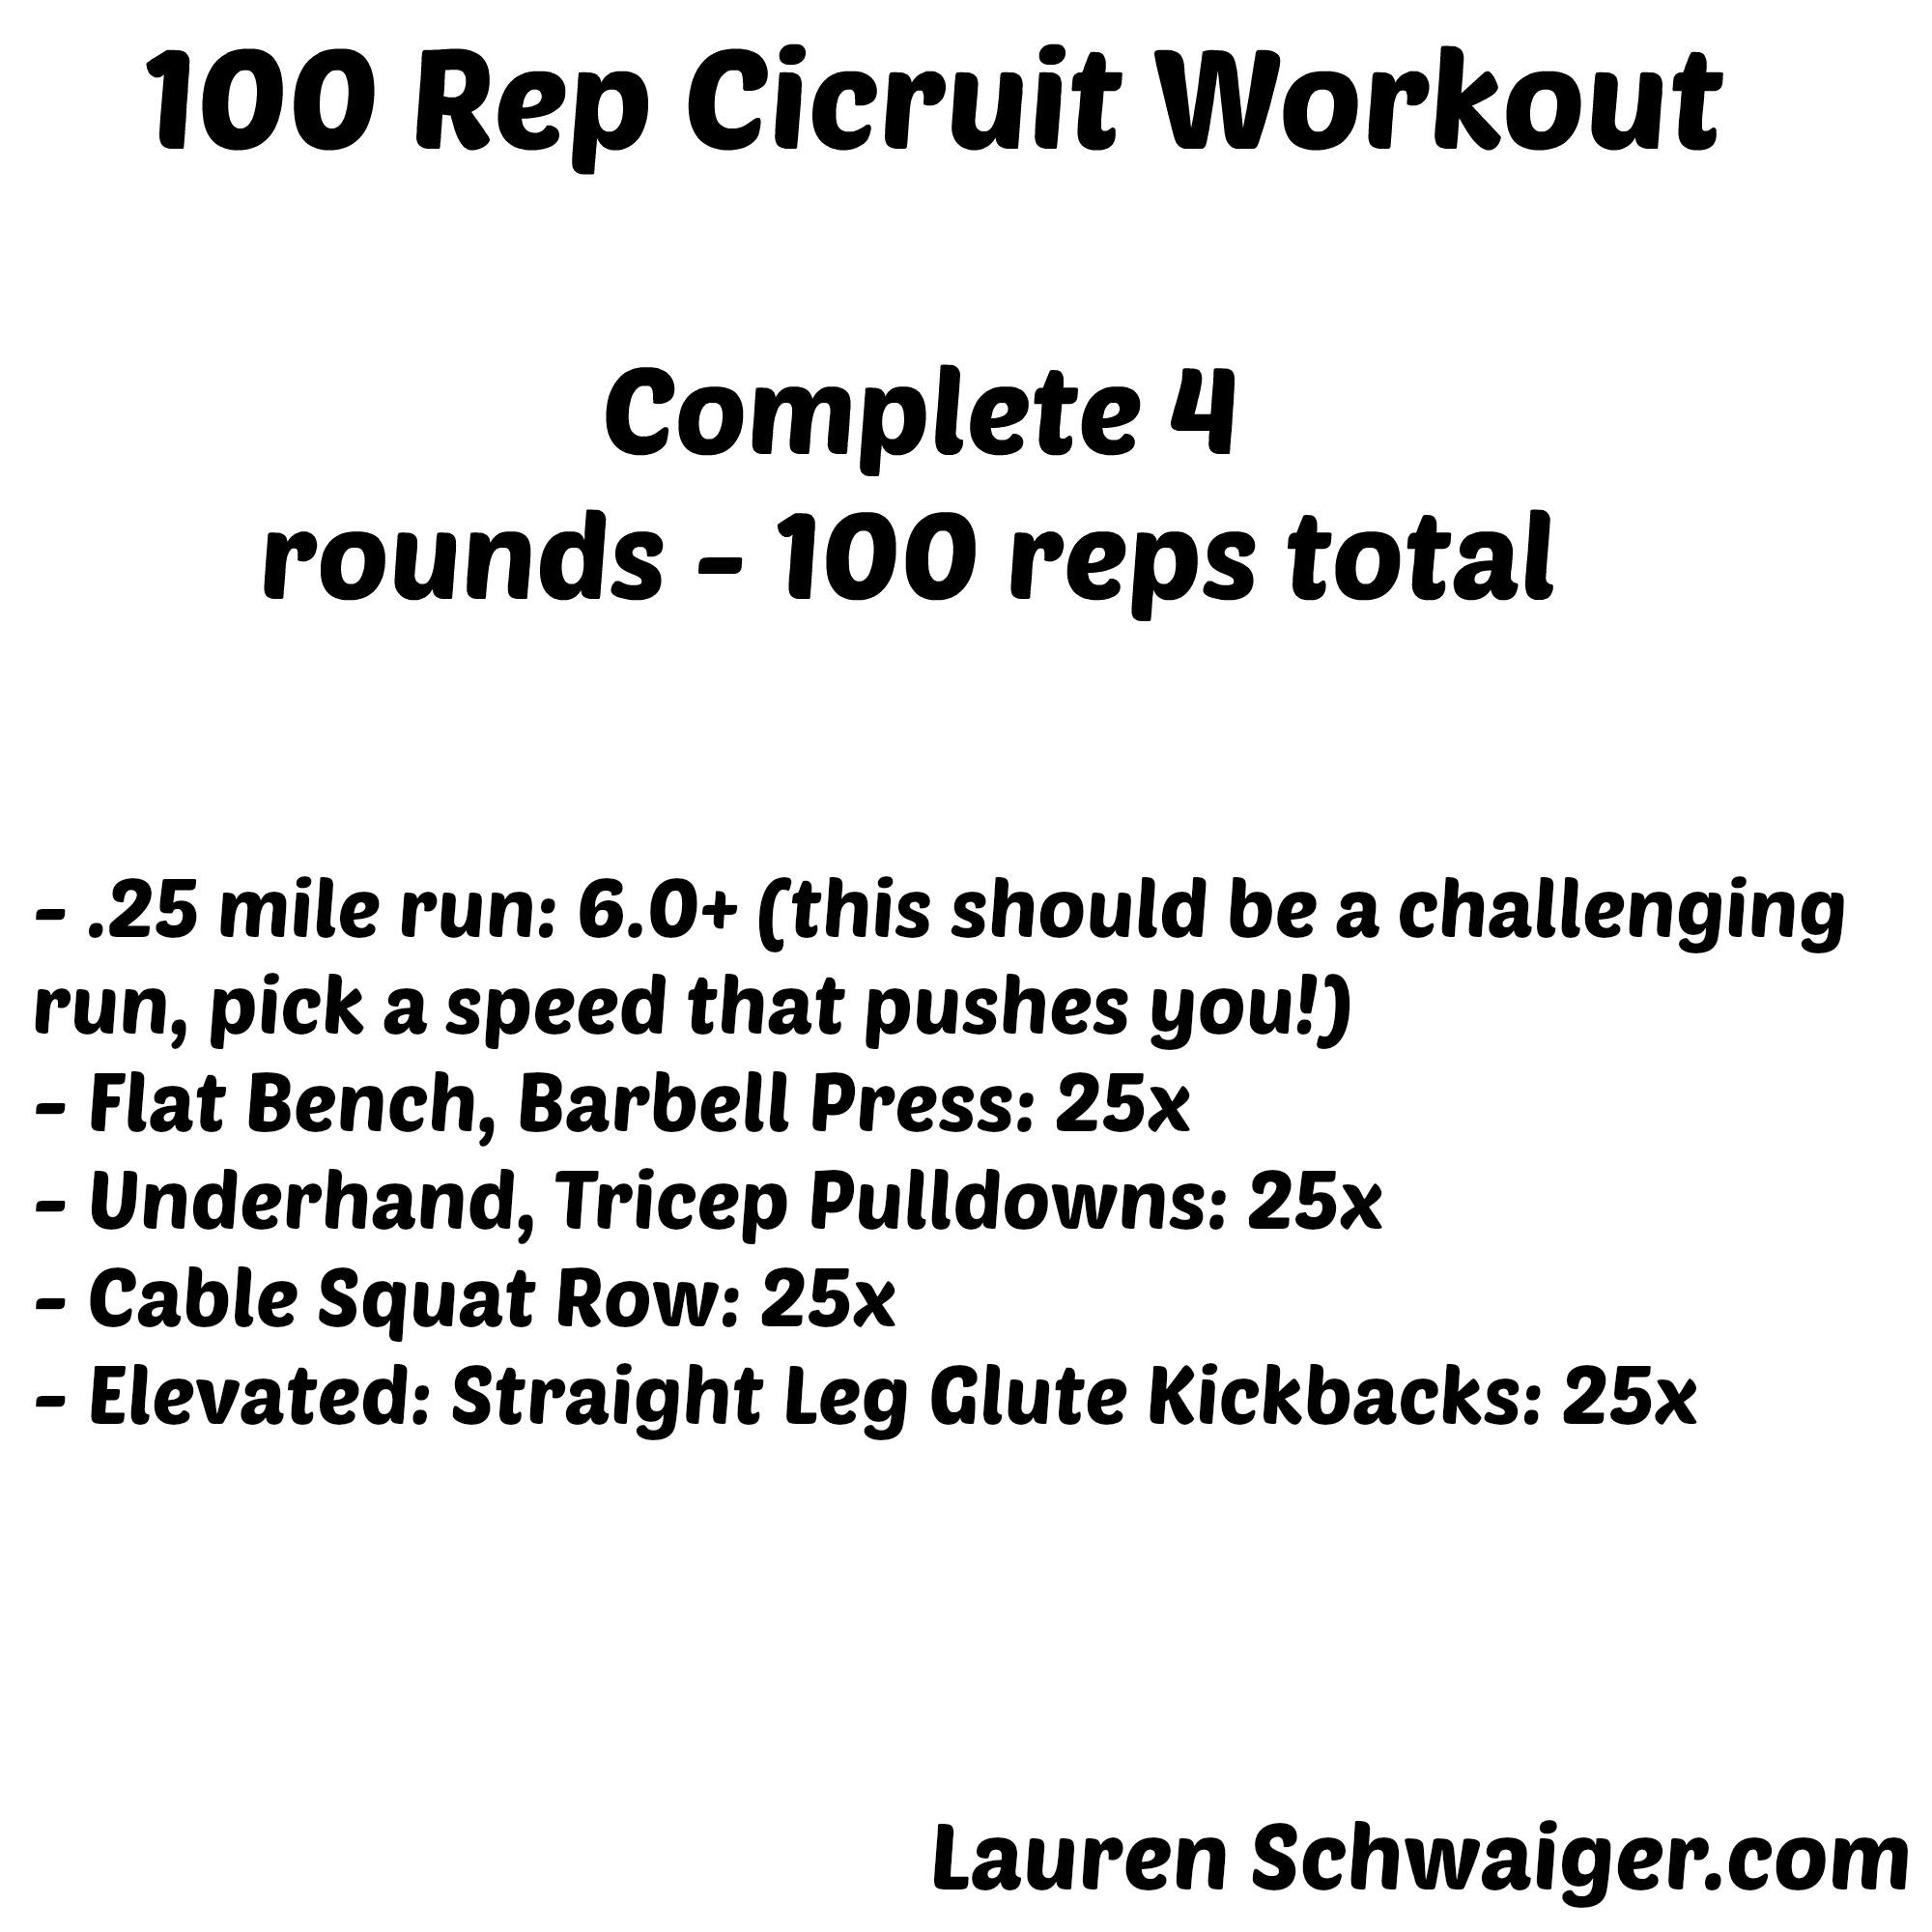 100 Rep Workout - Lauren Schwaiger.com